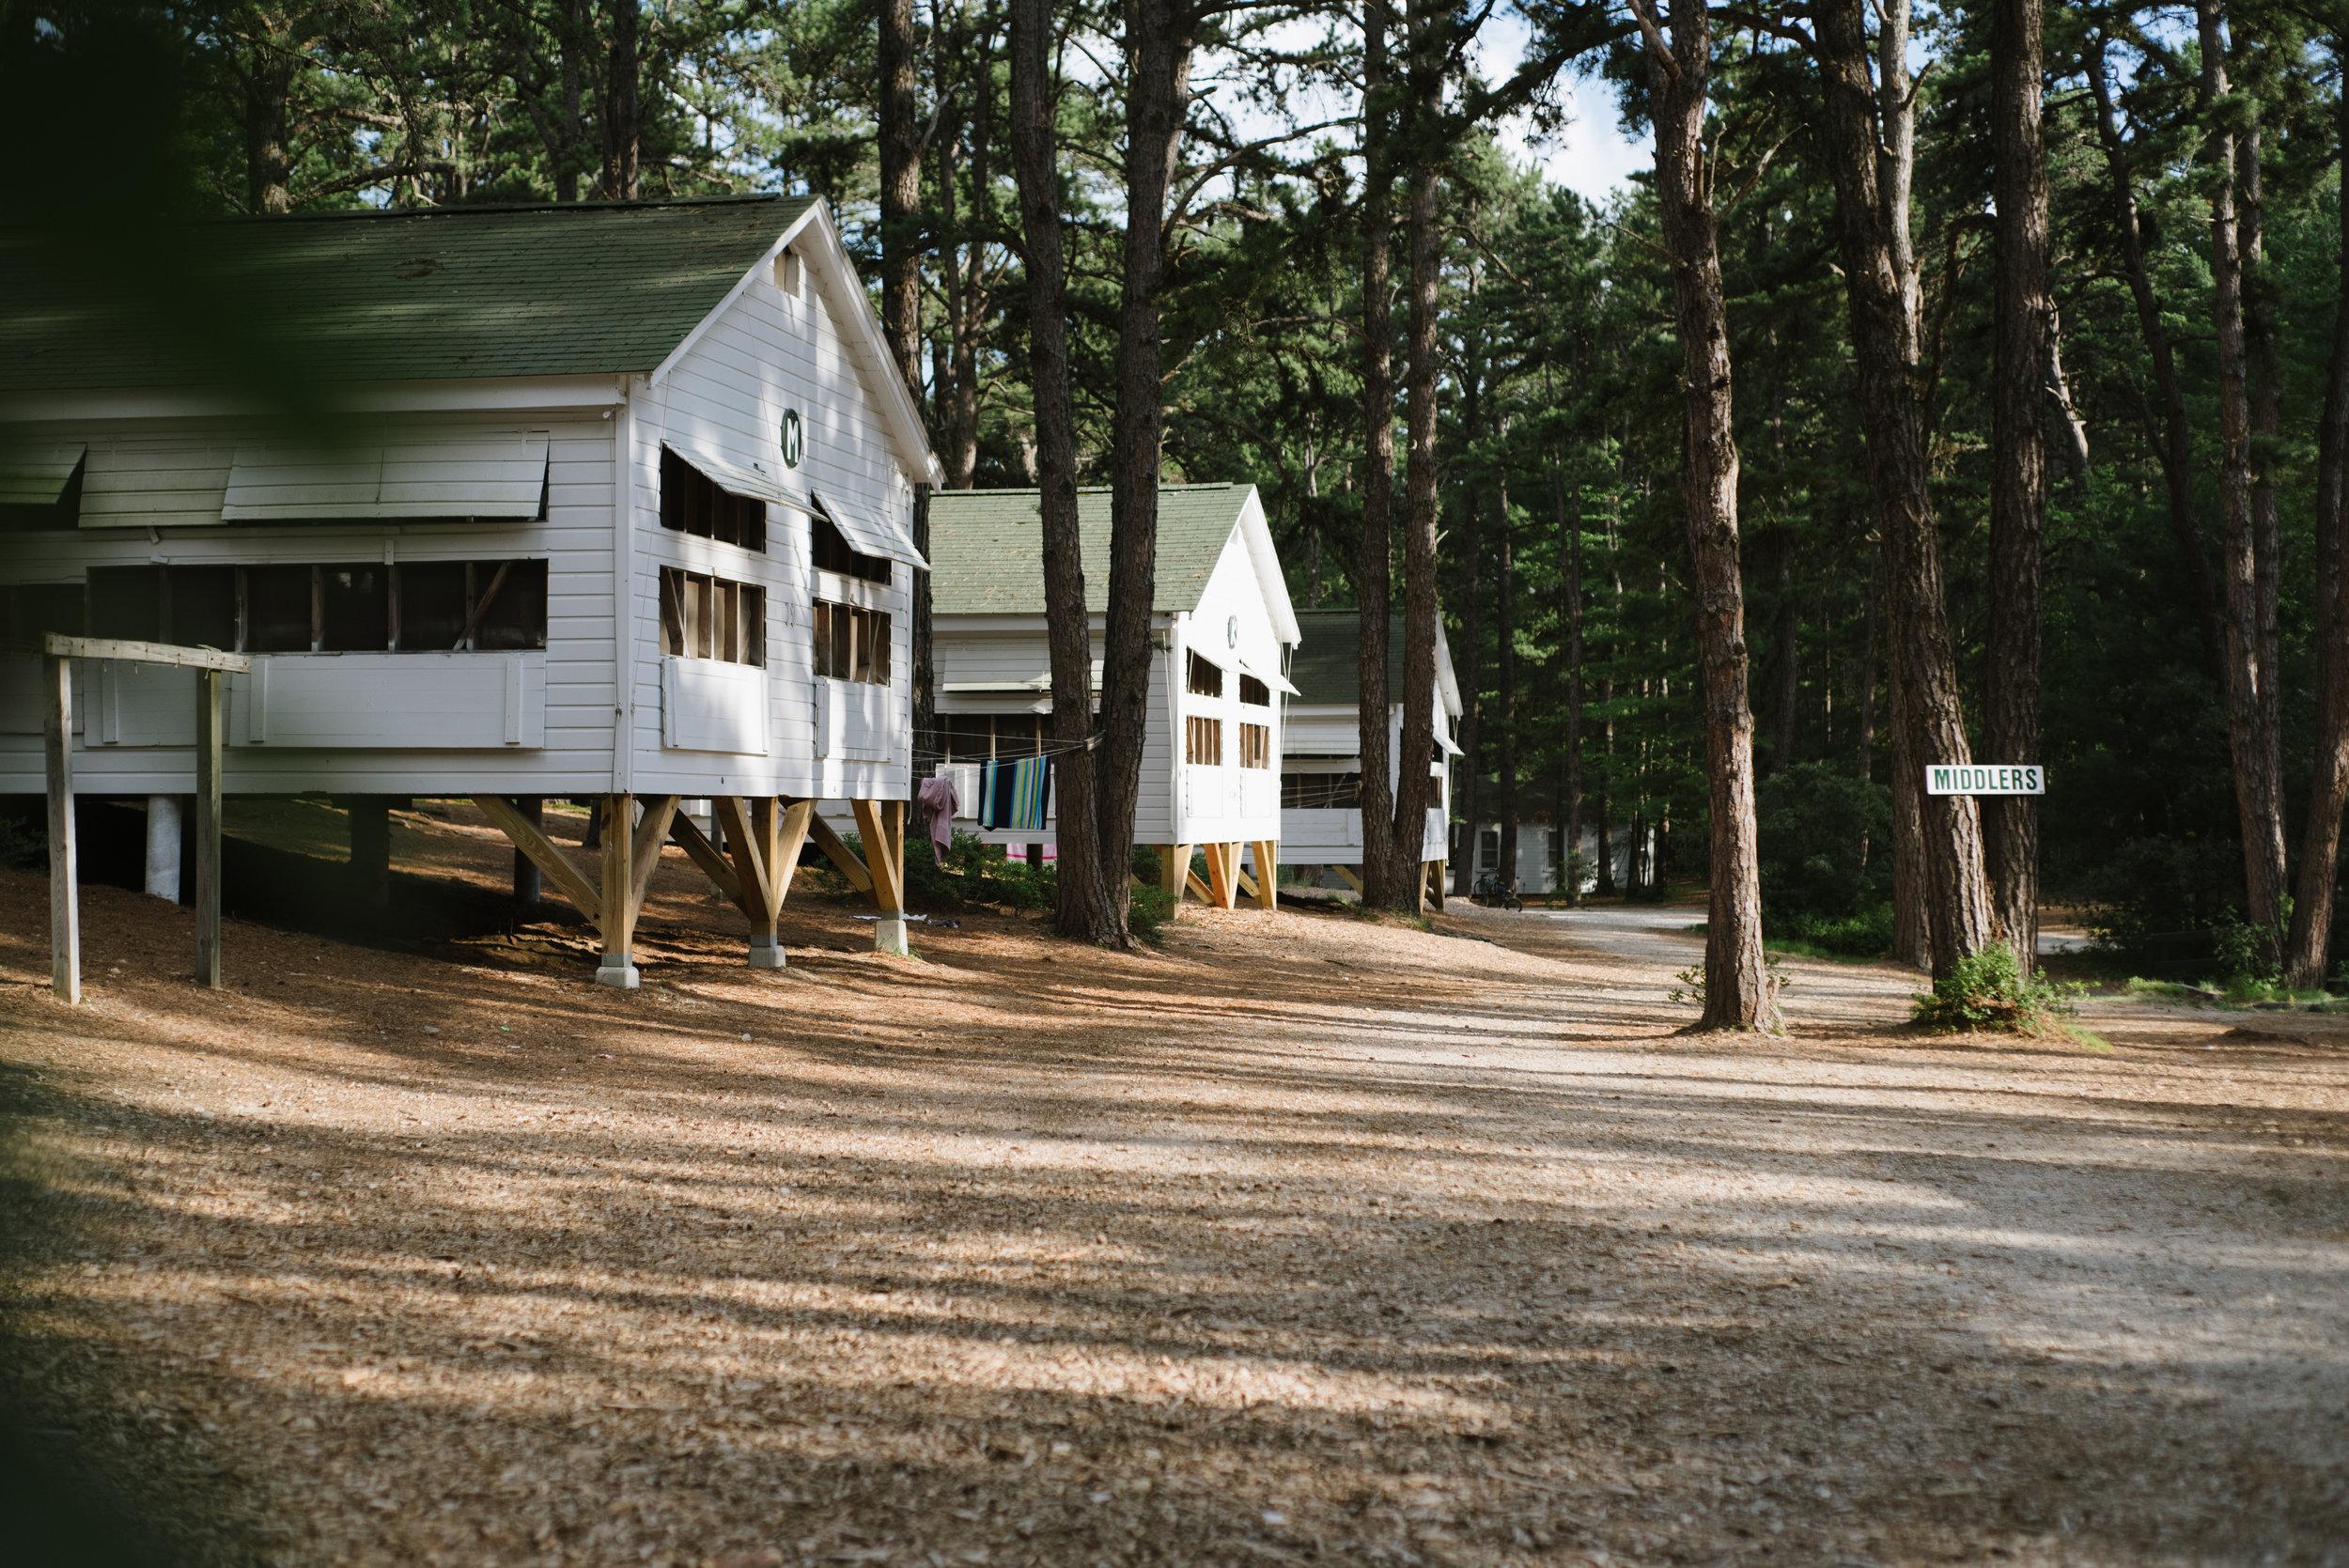 New England Rituals: Summer Camp